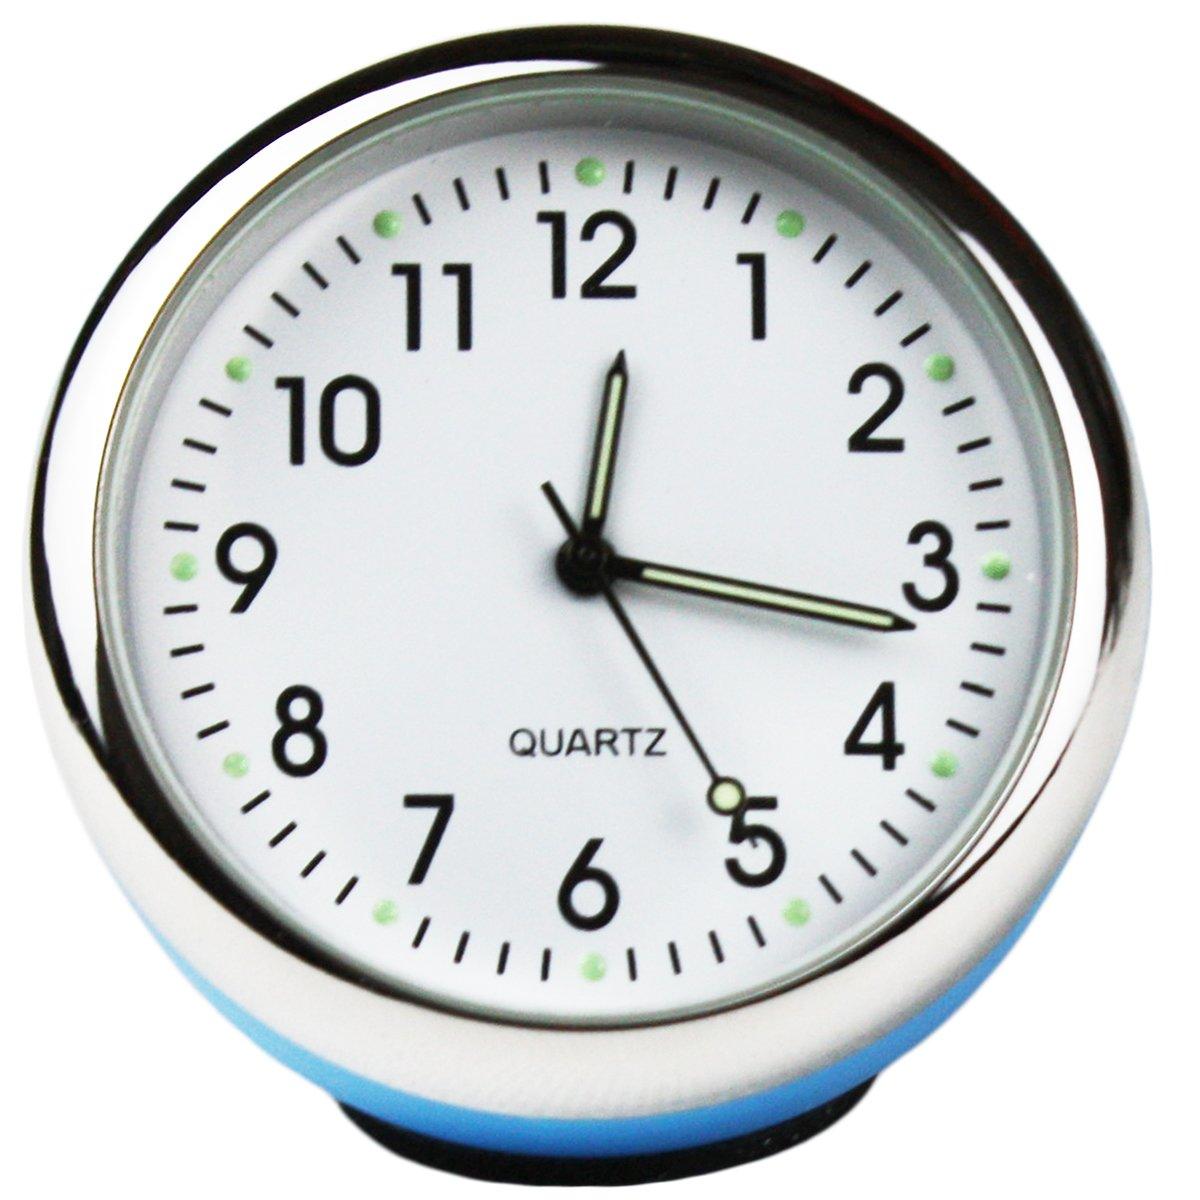 Txian - Horloge à quartz haute précision Petite boule Cadran lumineux Idéal pour décoration de voiture